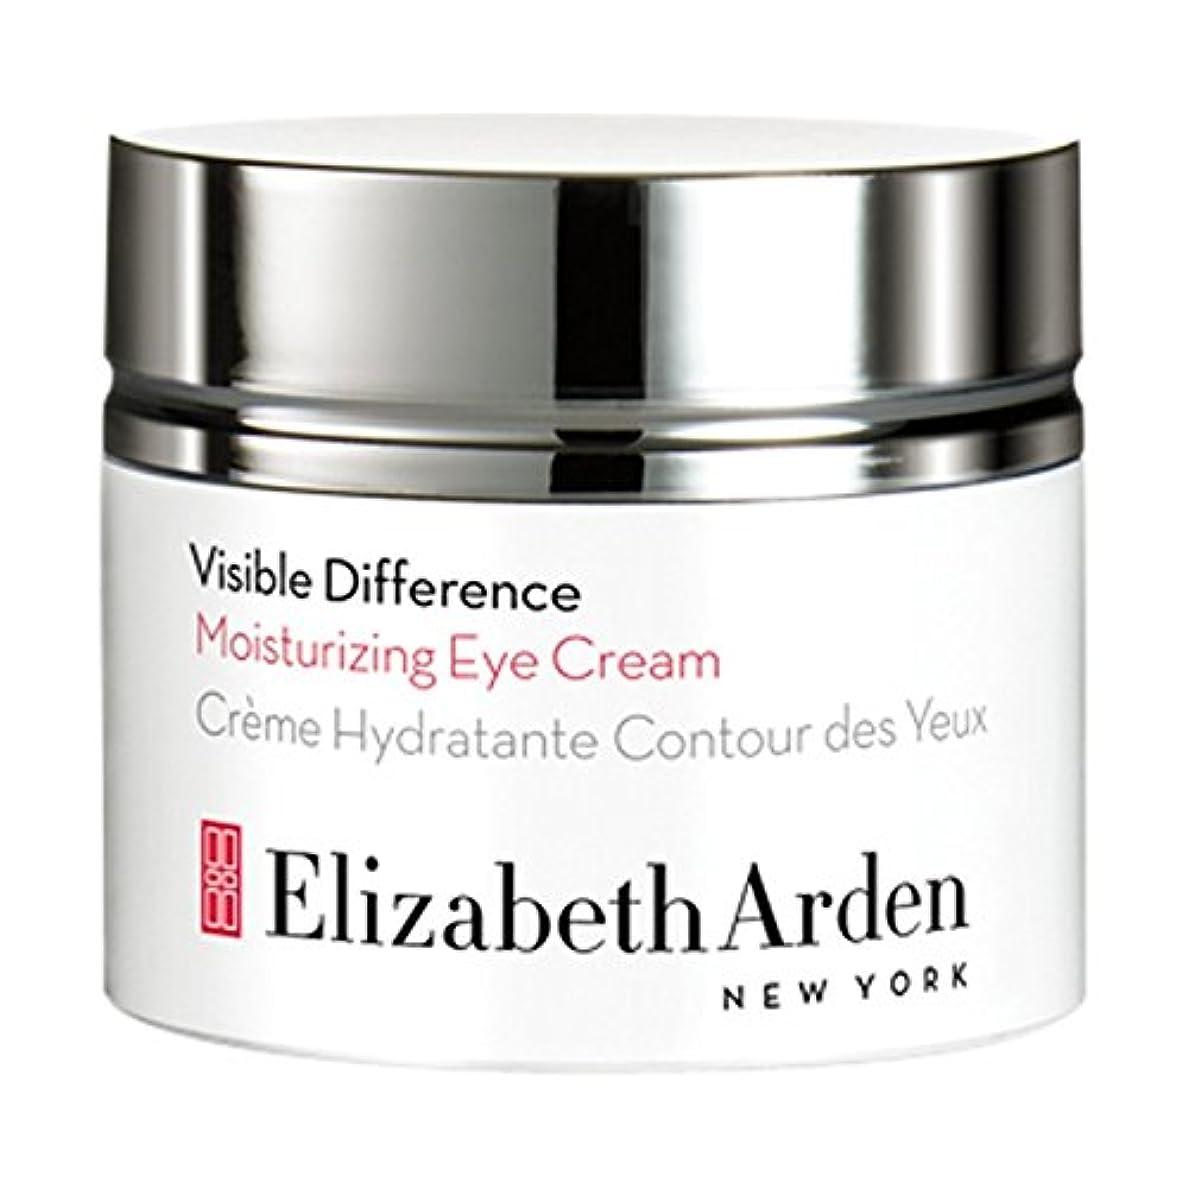 有毒なより多いシェーバーElizabeth Arden Visible Difference Moisturizing Eye Cream 15ml - エリザベスは、目に見える差保湿アイクリーム15ミリリットルをアーデン [並行輸入品]